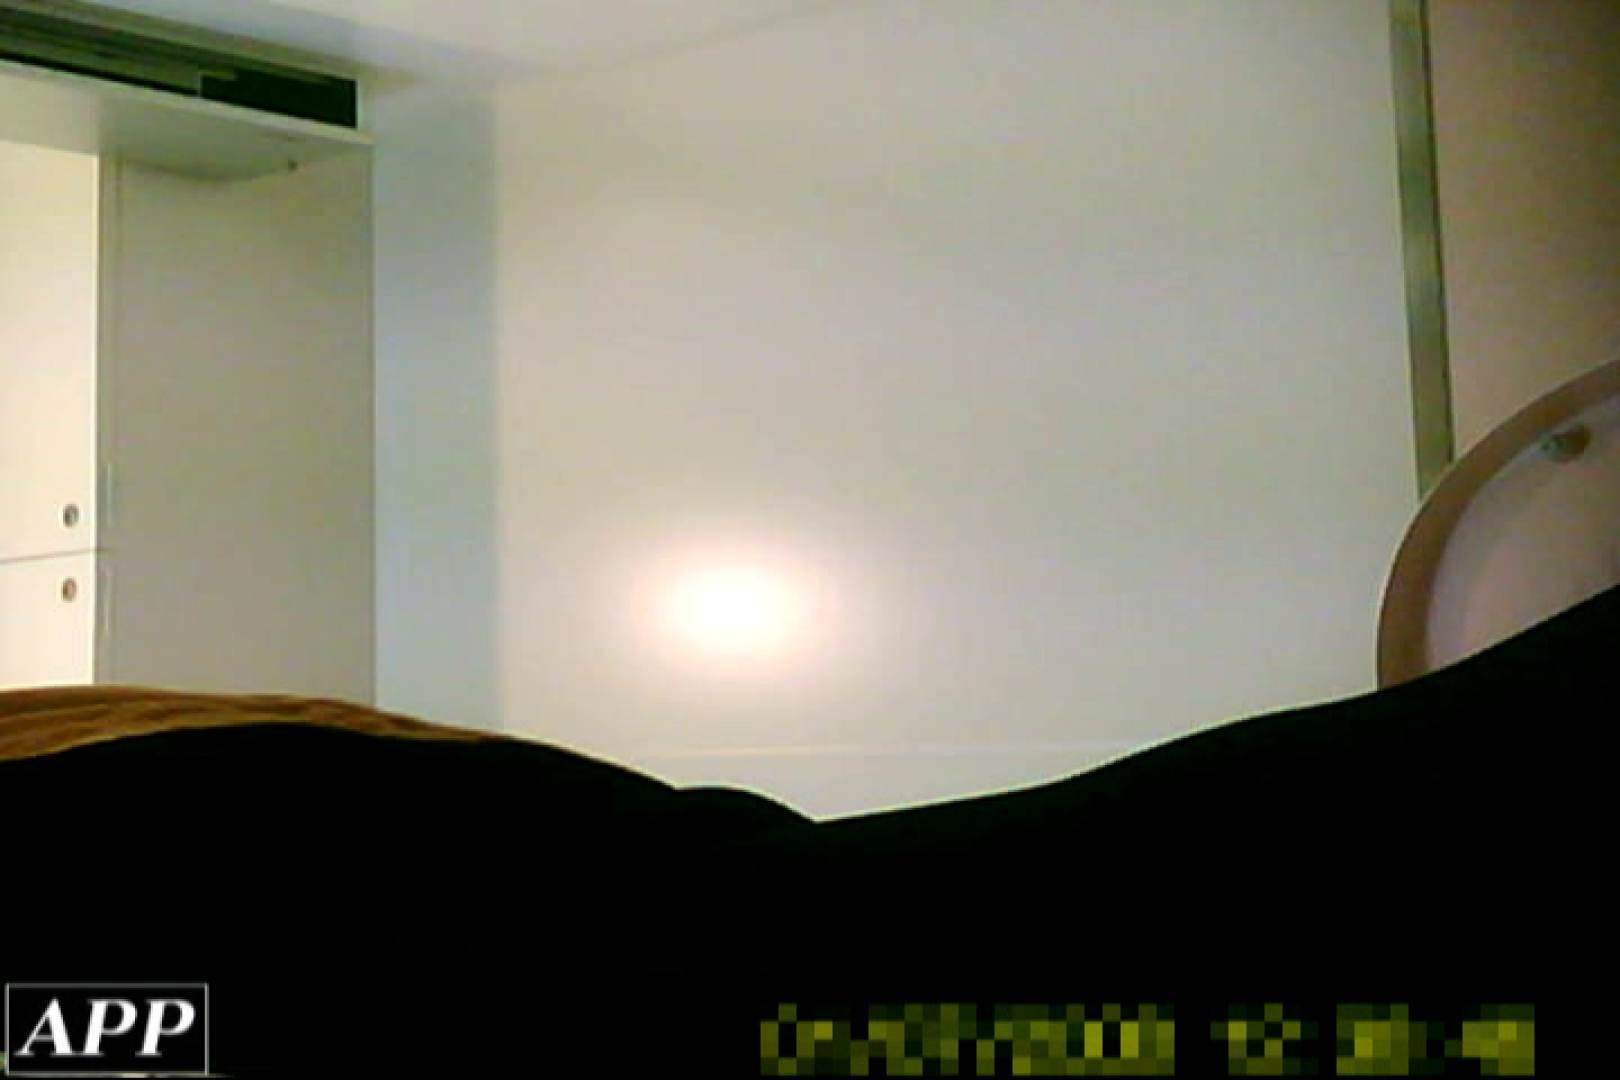 3視点洗面所 vol.93 オマンコもろ アダルト動画キャプチャ 109PIX 48